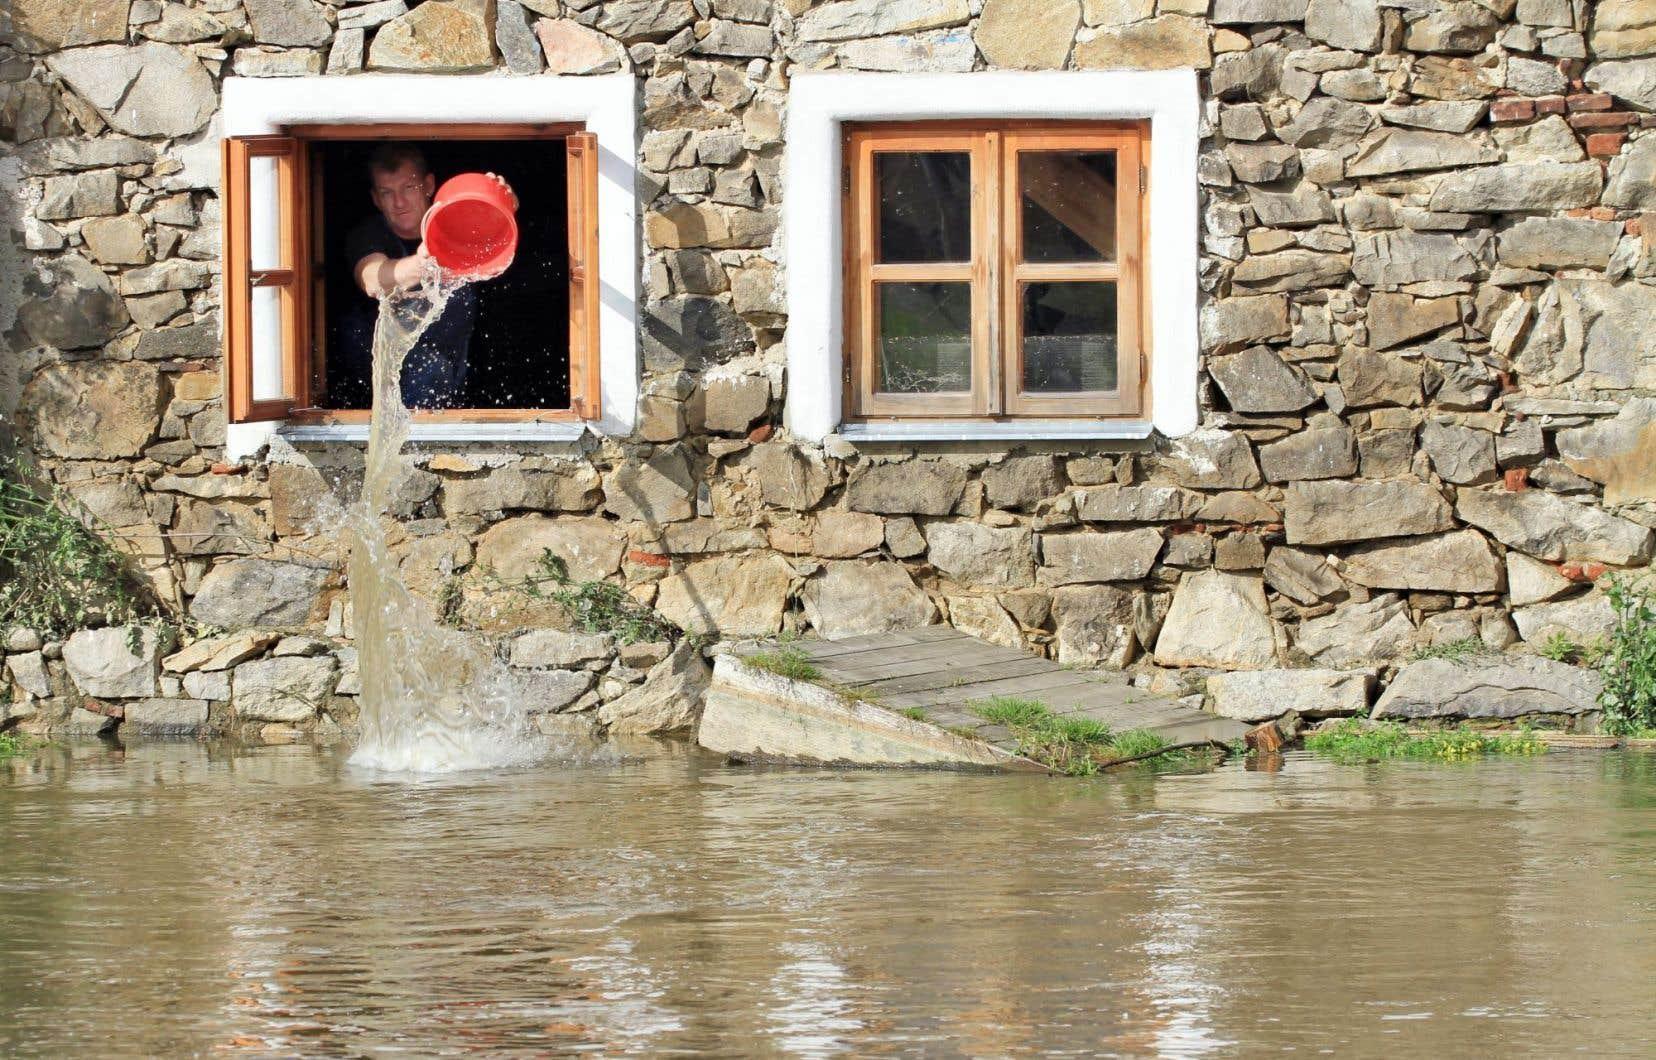 Les émissions de carbone ont déjà des effets sur le climat. Il suffit de penser aux événements météorologiques extrêmes recensés un peu partout sur la planète, comme ici, sur cette photo prise en République tchèque lorsque la rivière Blanice est sortie de son lit à la suite de pluies diluviennes.